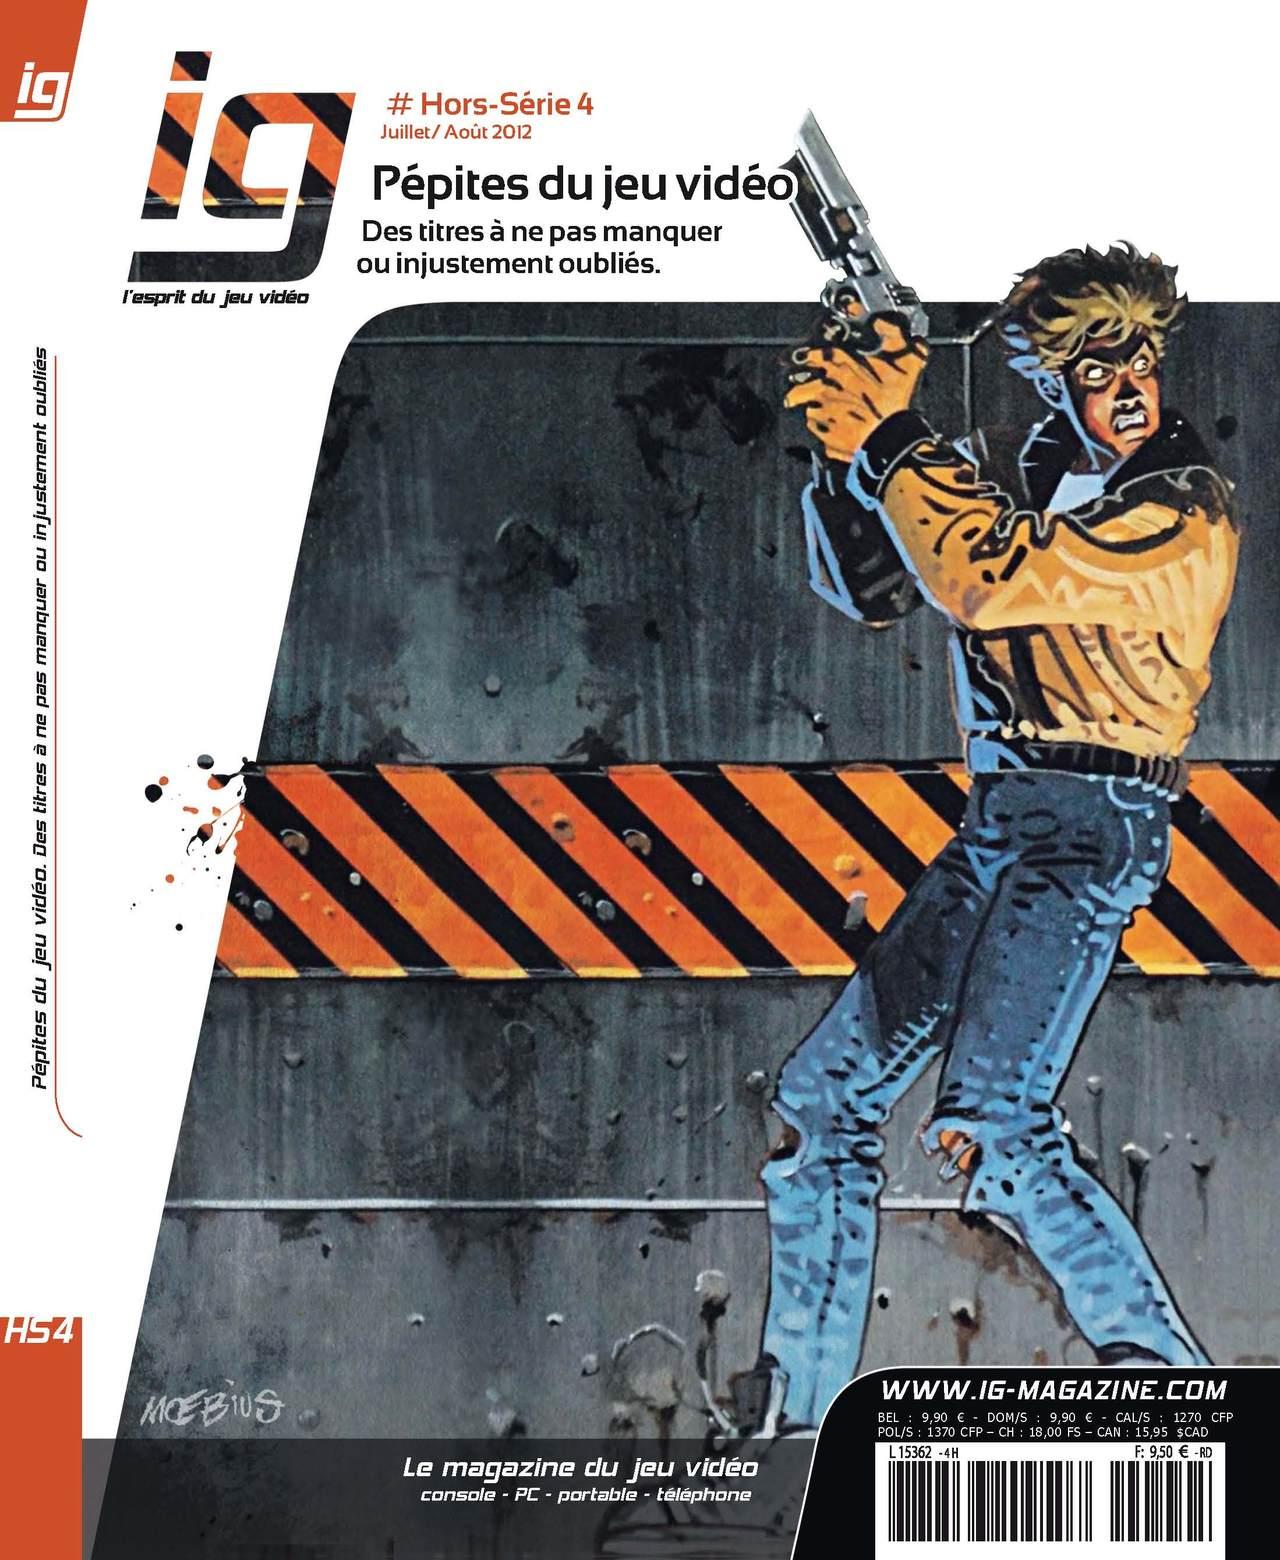 REVUE DE PRESSE - Page 3 Couv_igmagazine4